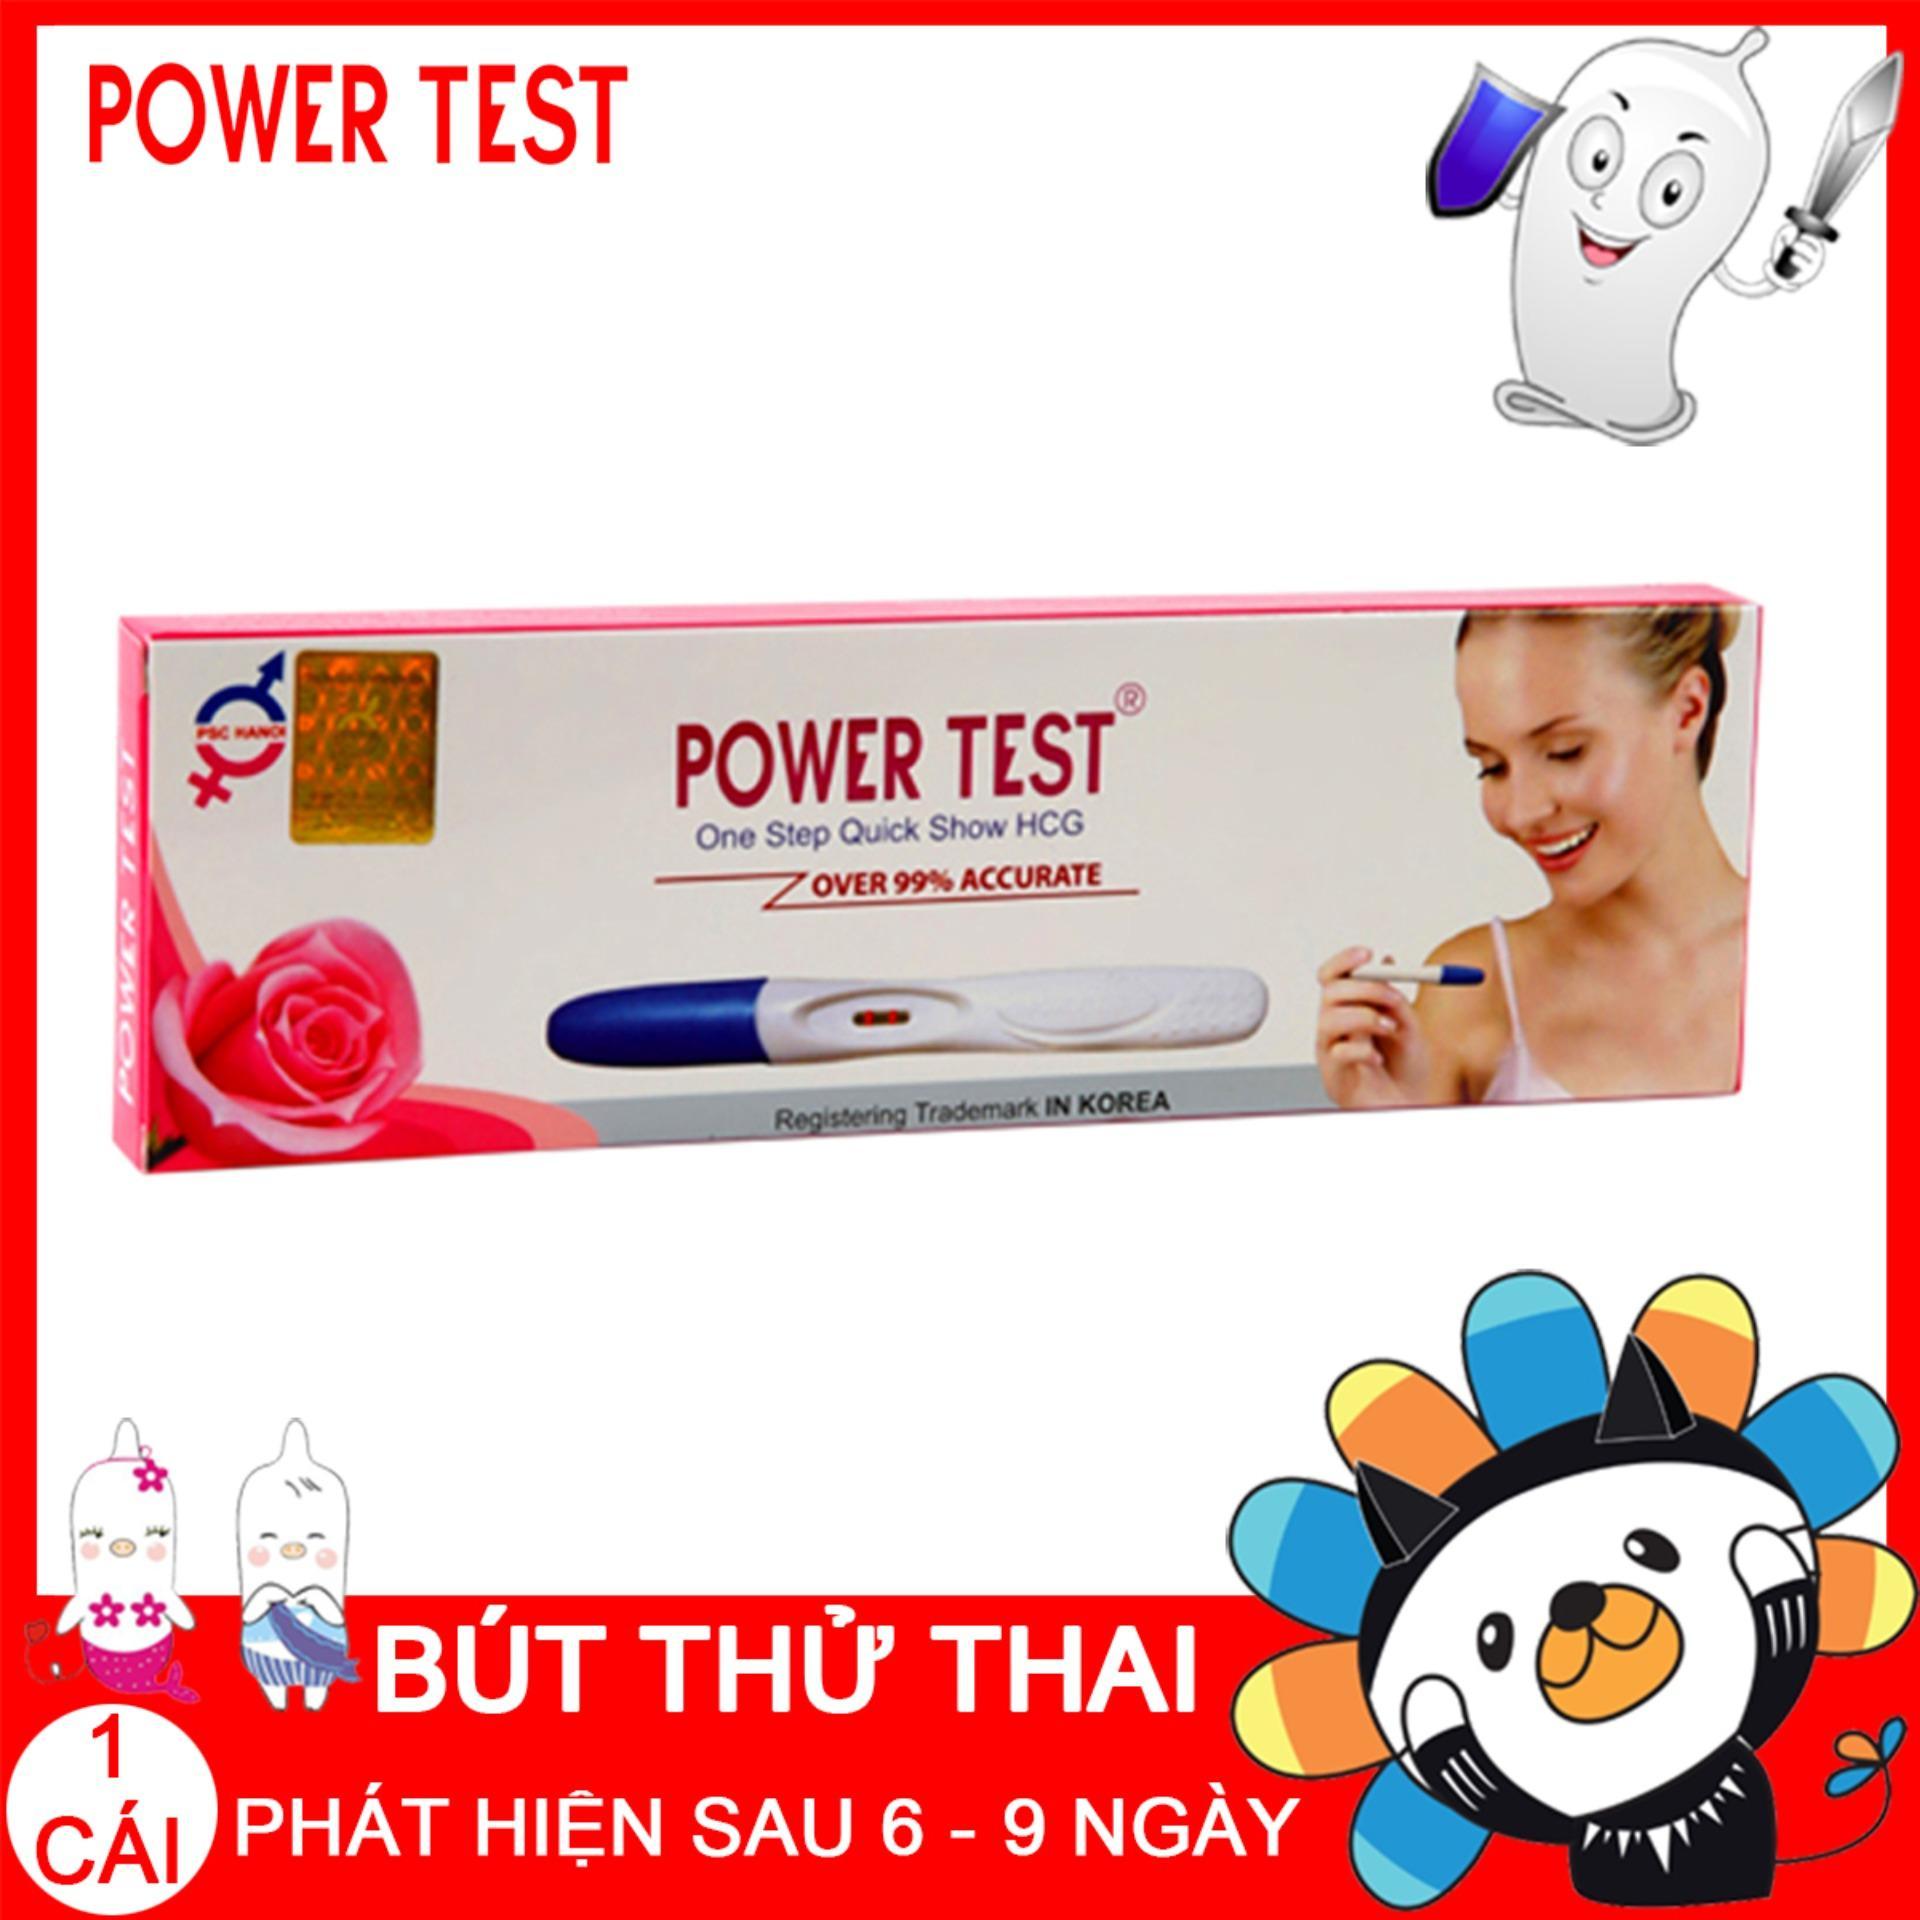 Bút thử thai POWERTEST phát hiện thai sớm chính hãng